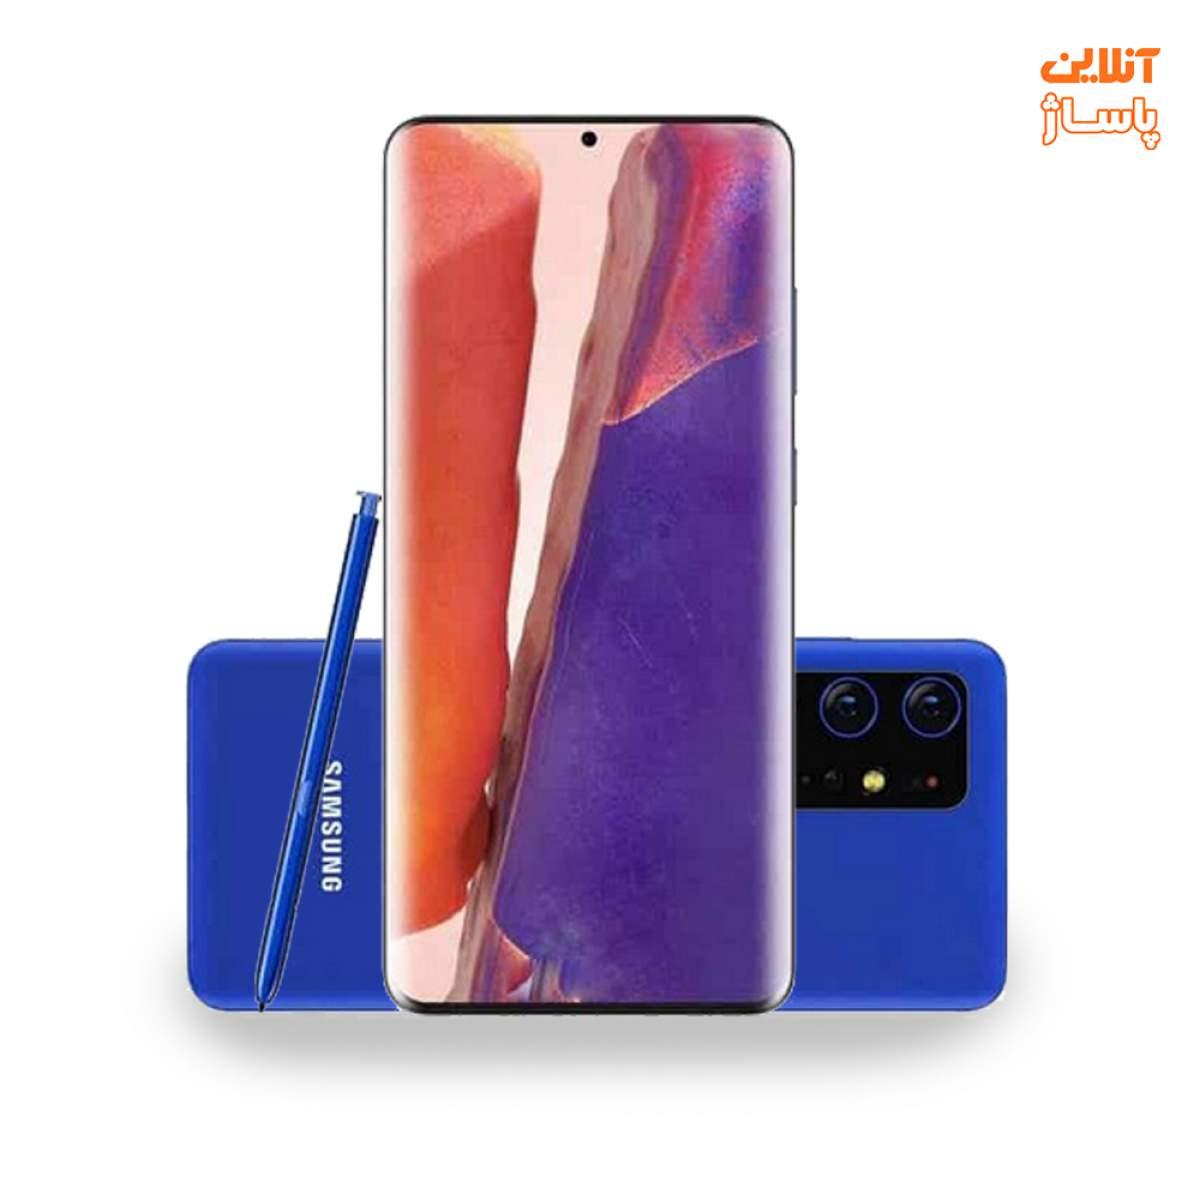 گوشی موبایل سامسونگ مدل Galaxy S21 Ultra 5G دو سیم کارت ظرفیت 256 گیگابایت